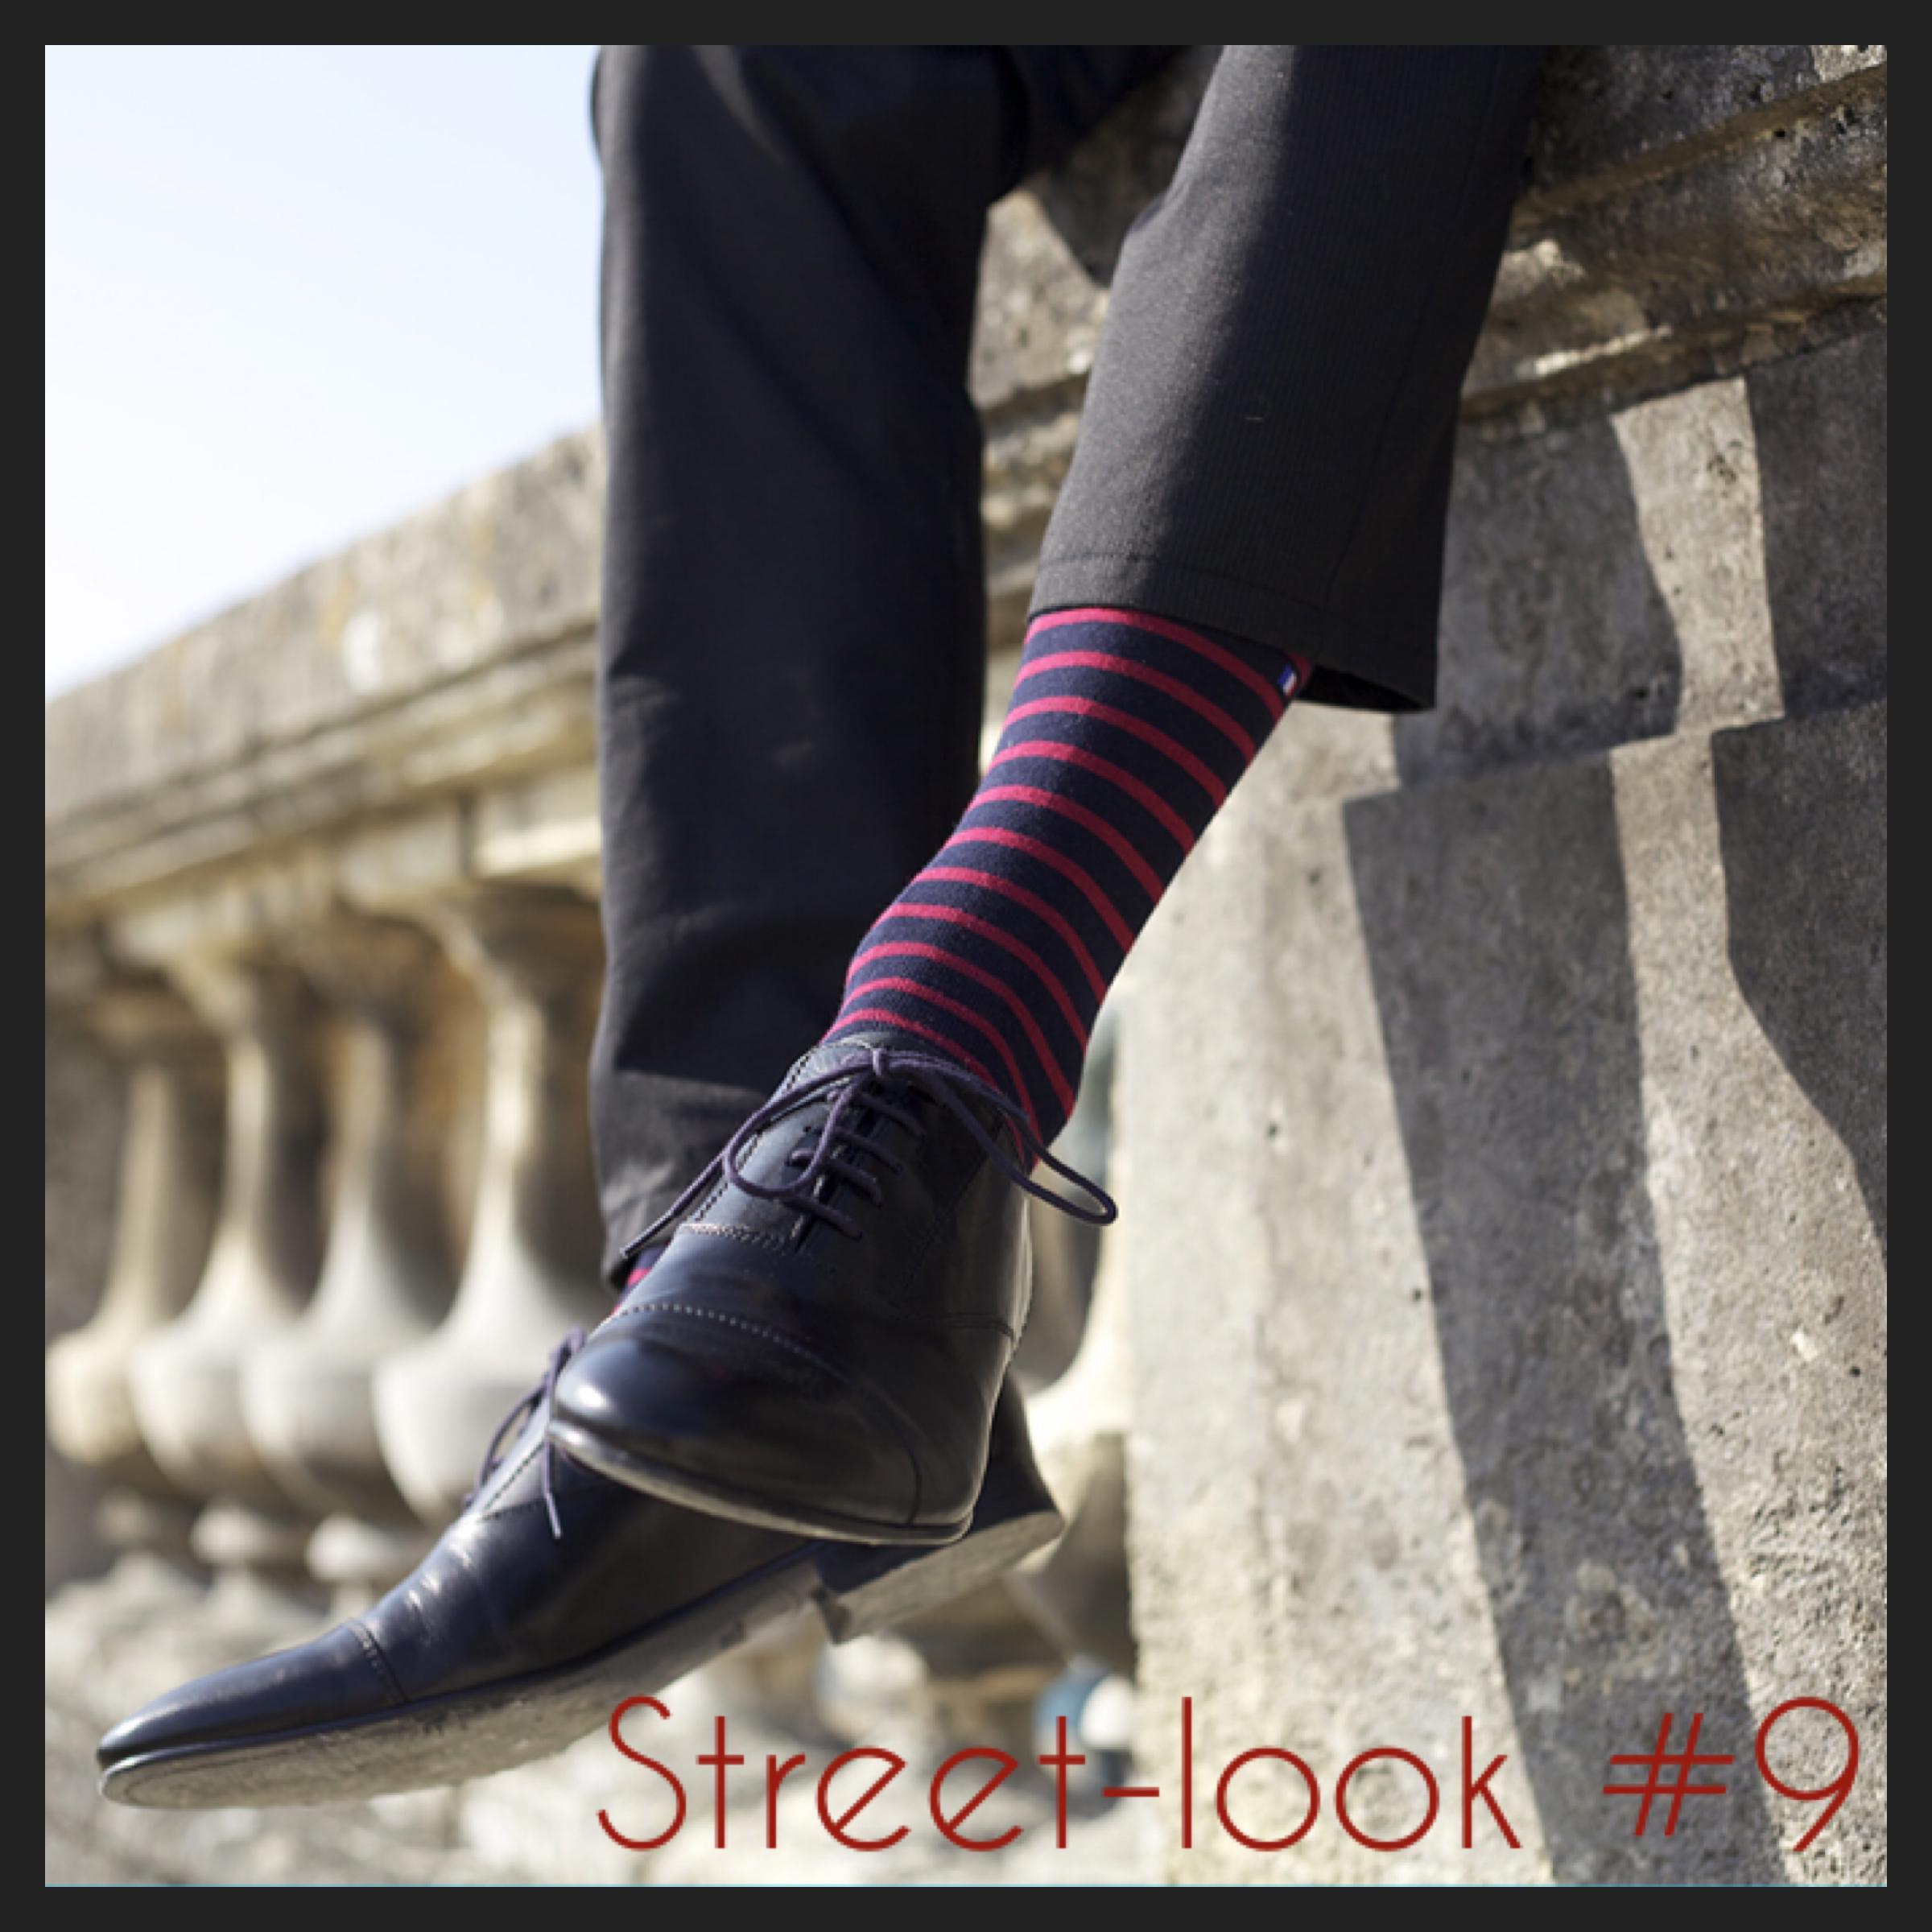 StreetLook #9